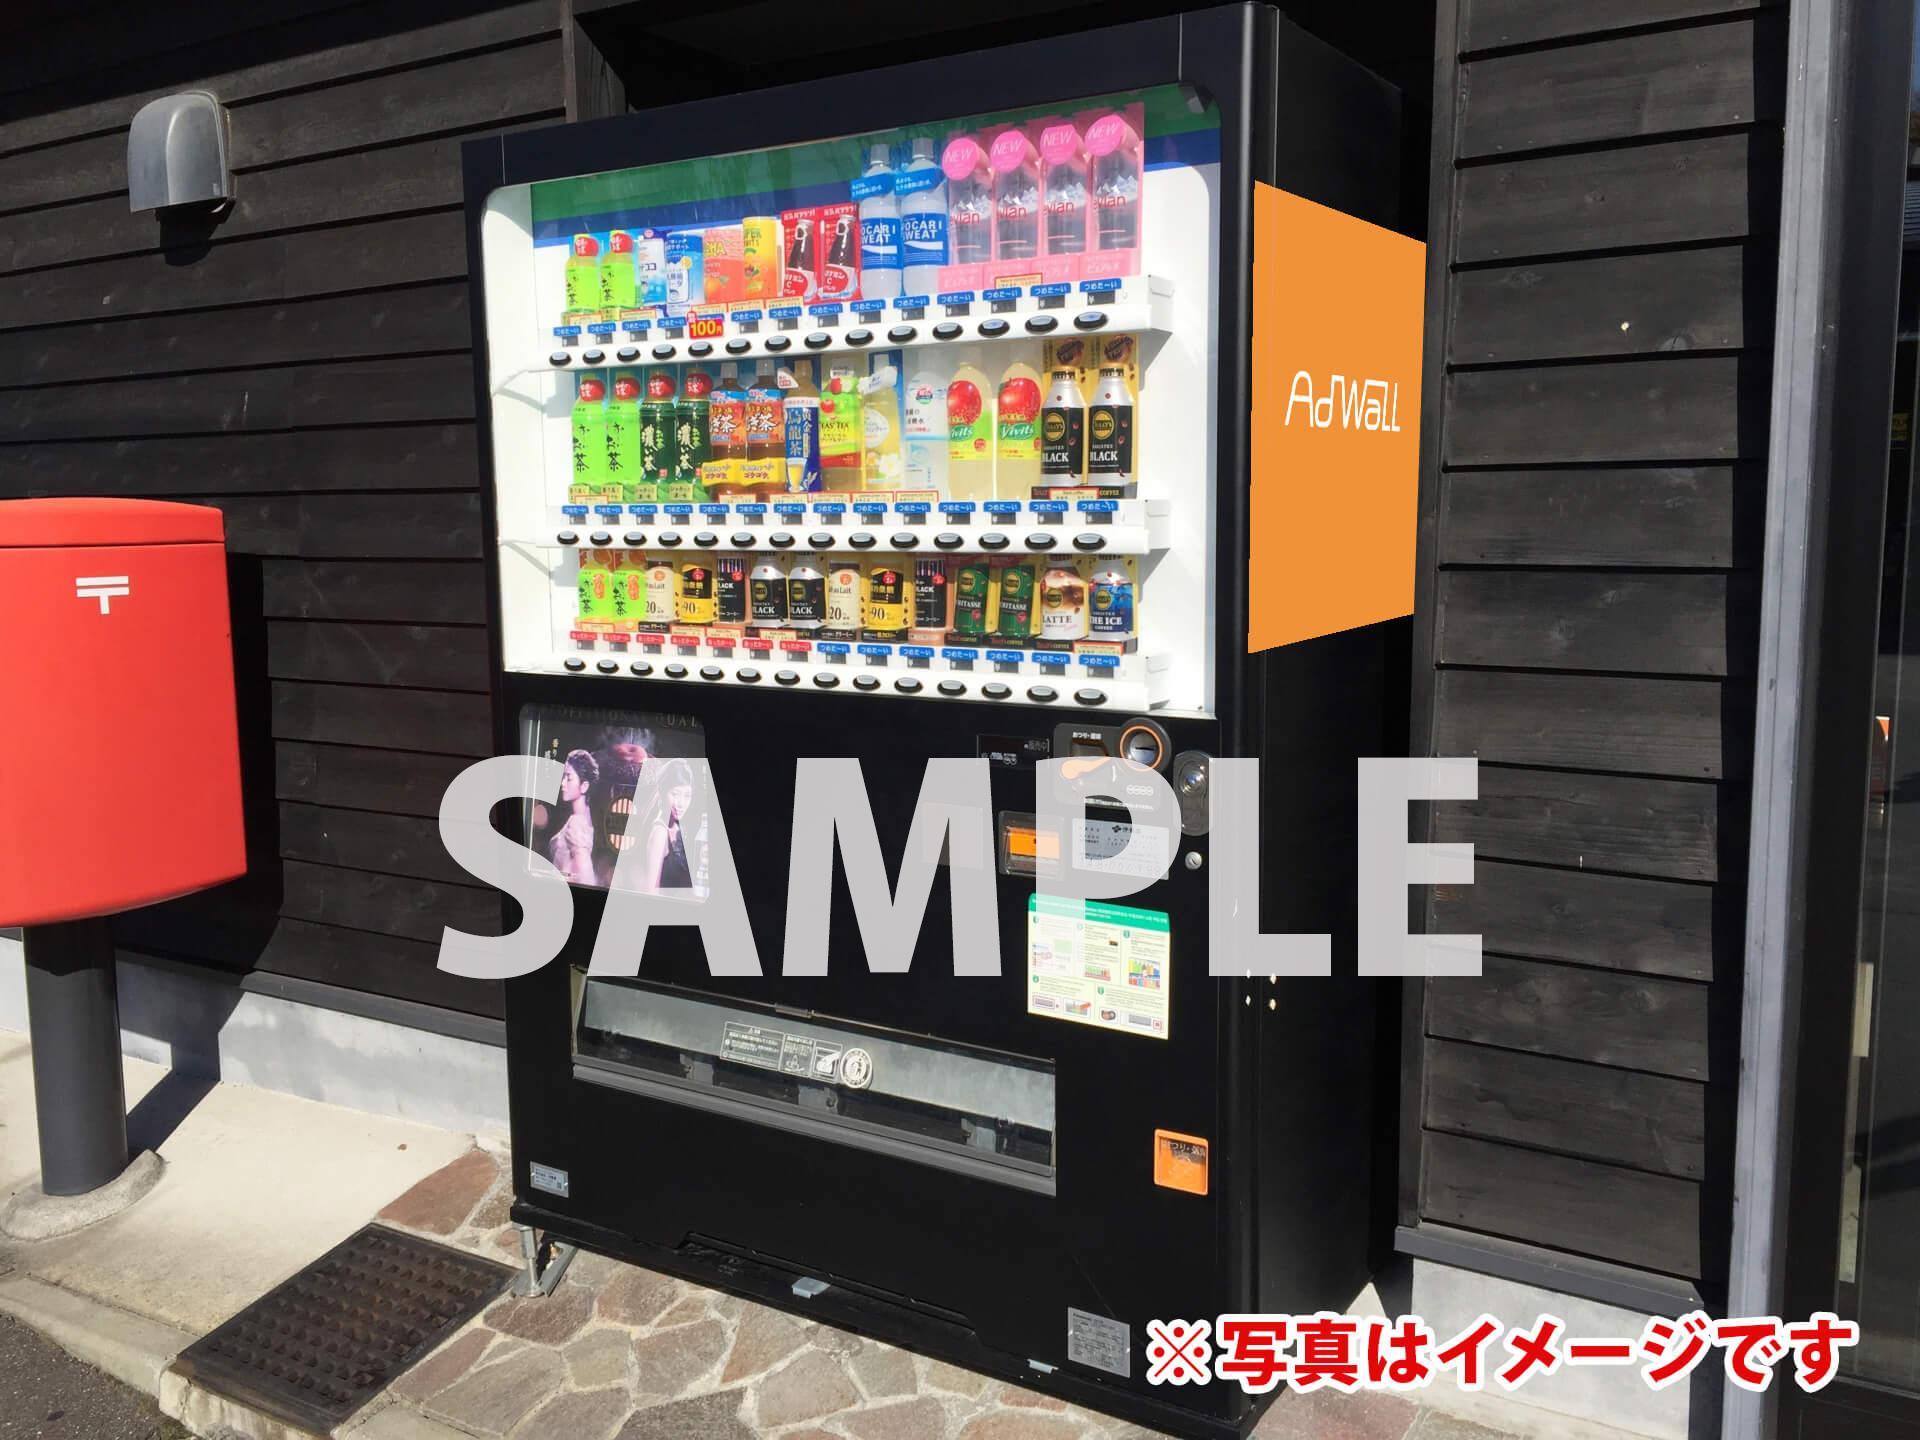 世田谷区若林 IP若林第1 自動販売機(側面) 画像